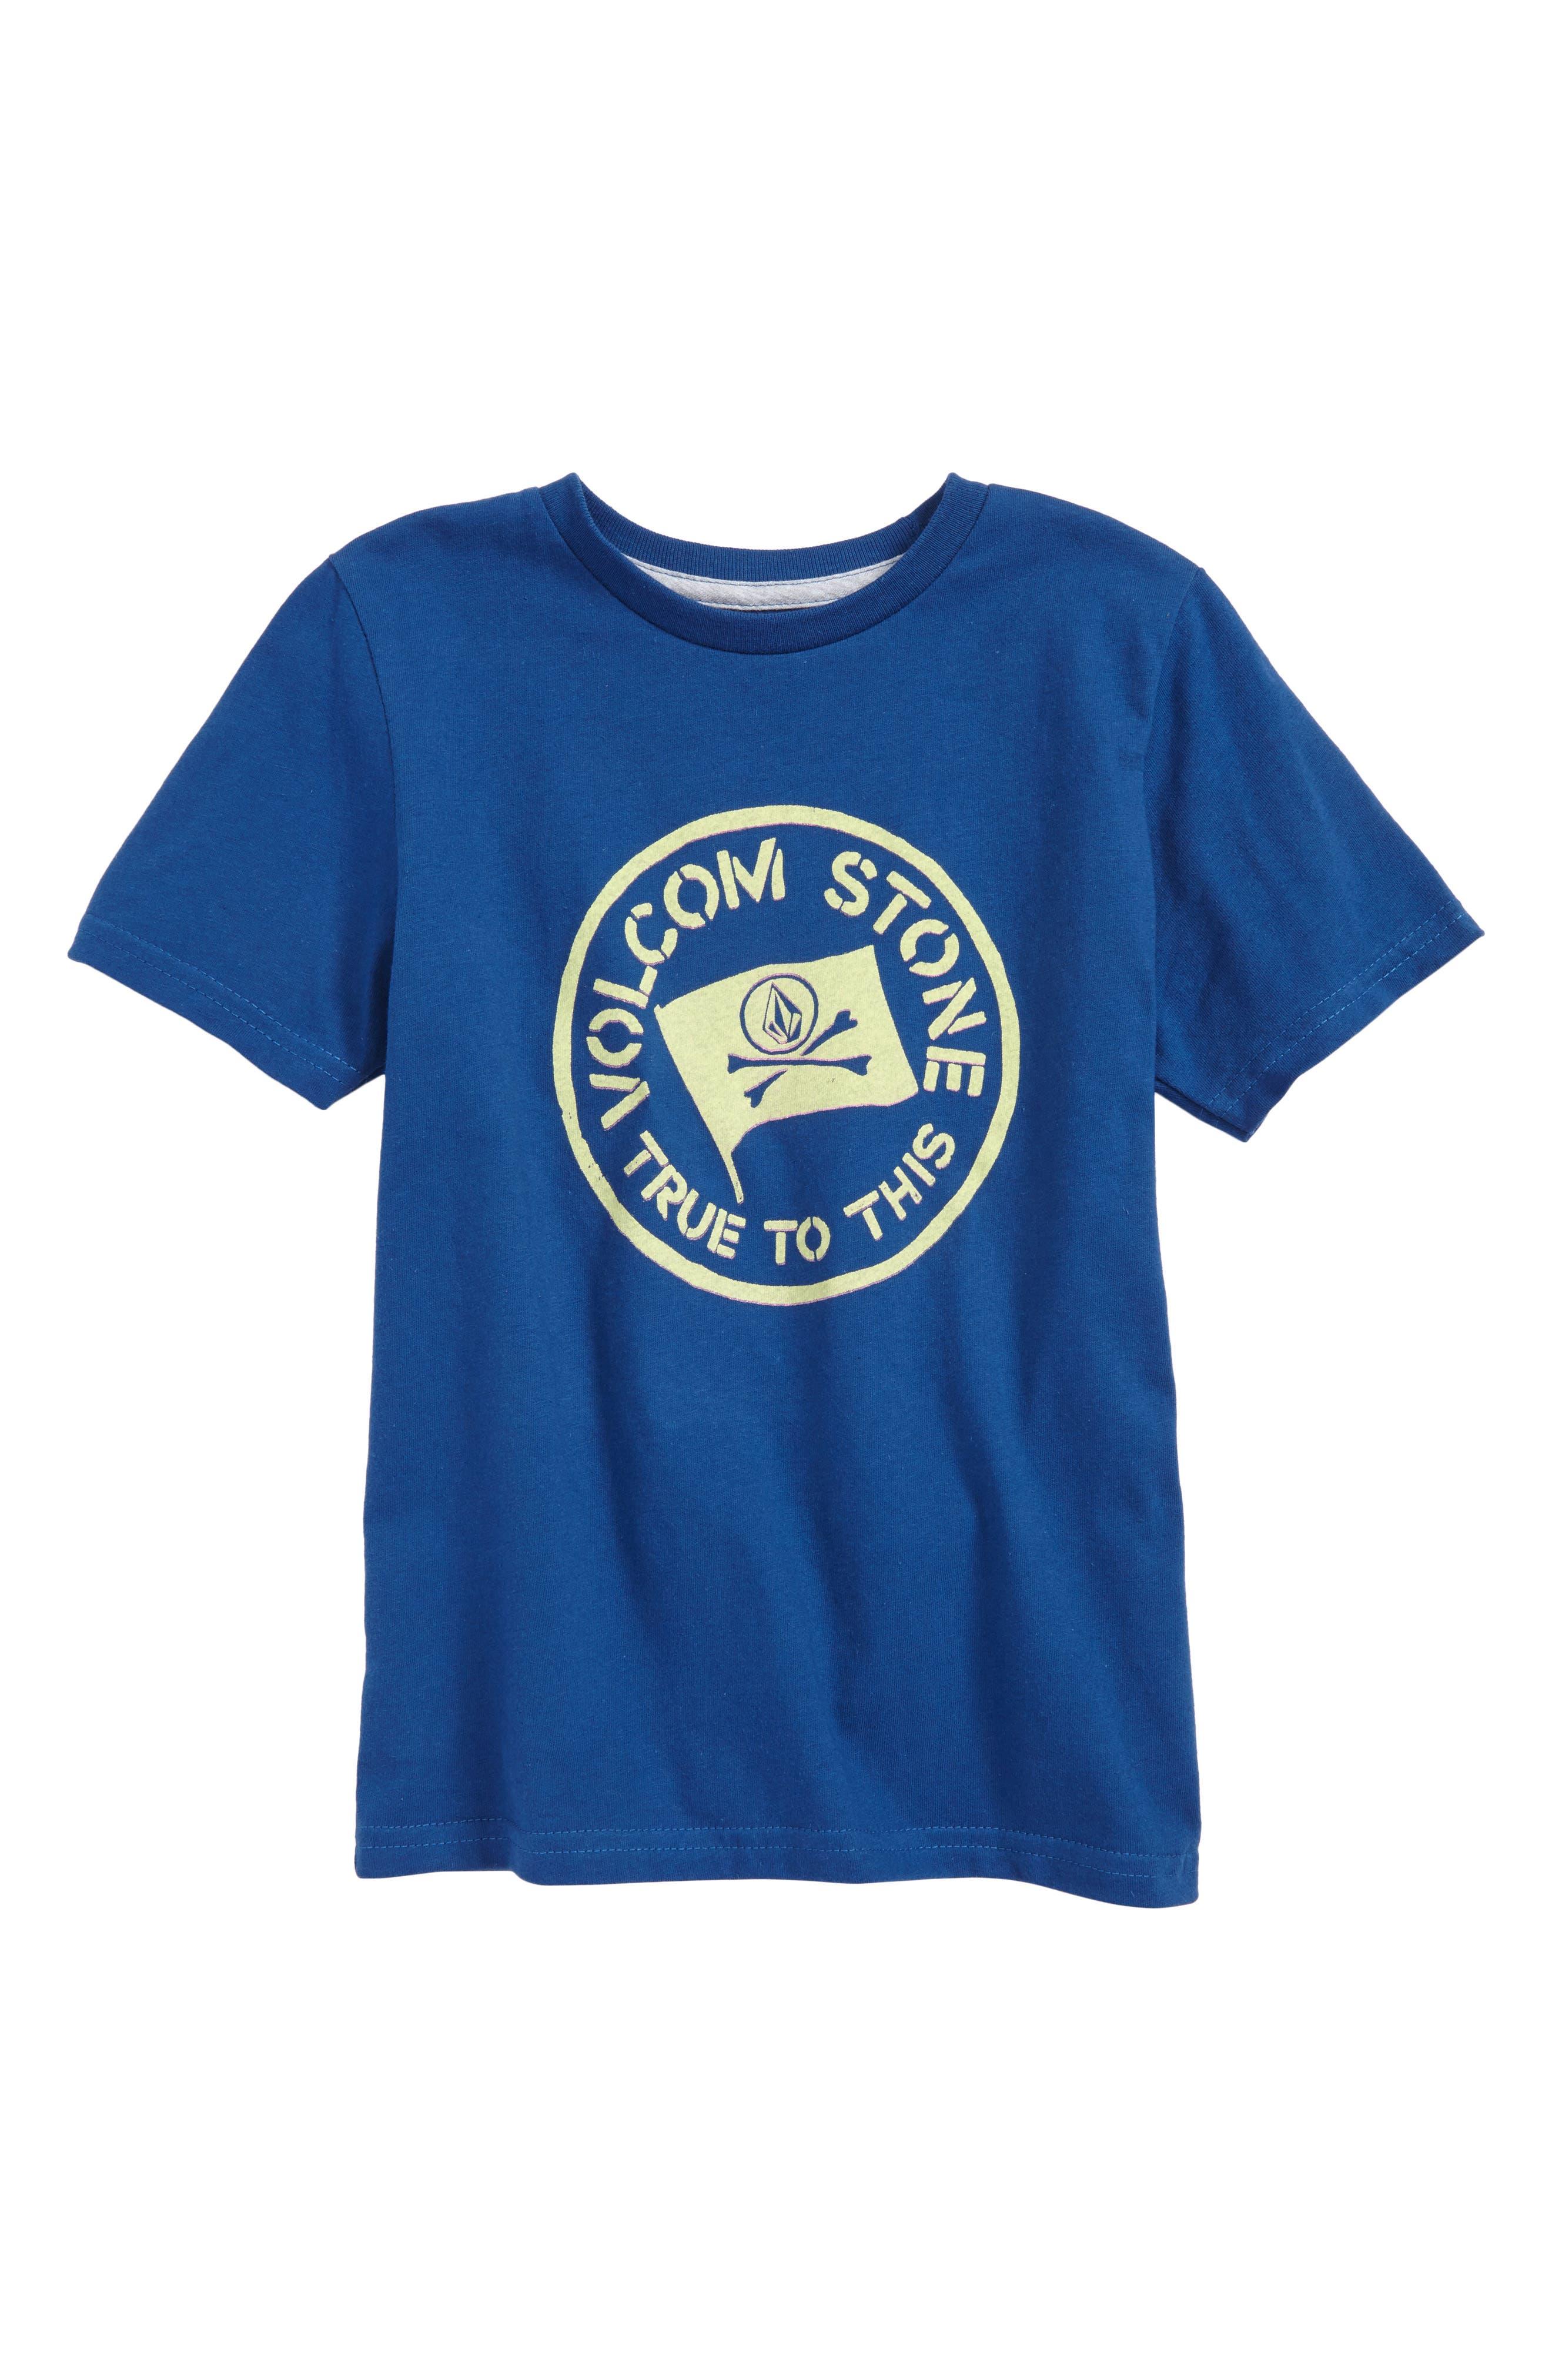 Jolly Rebel T-Shirt,                             Main thumbnail 1, color,                             421